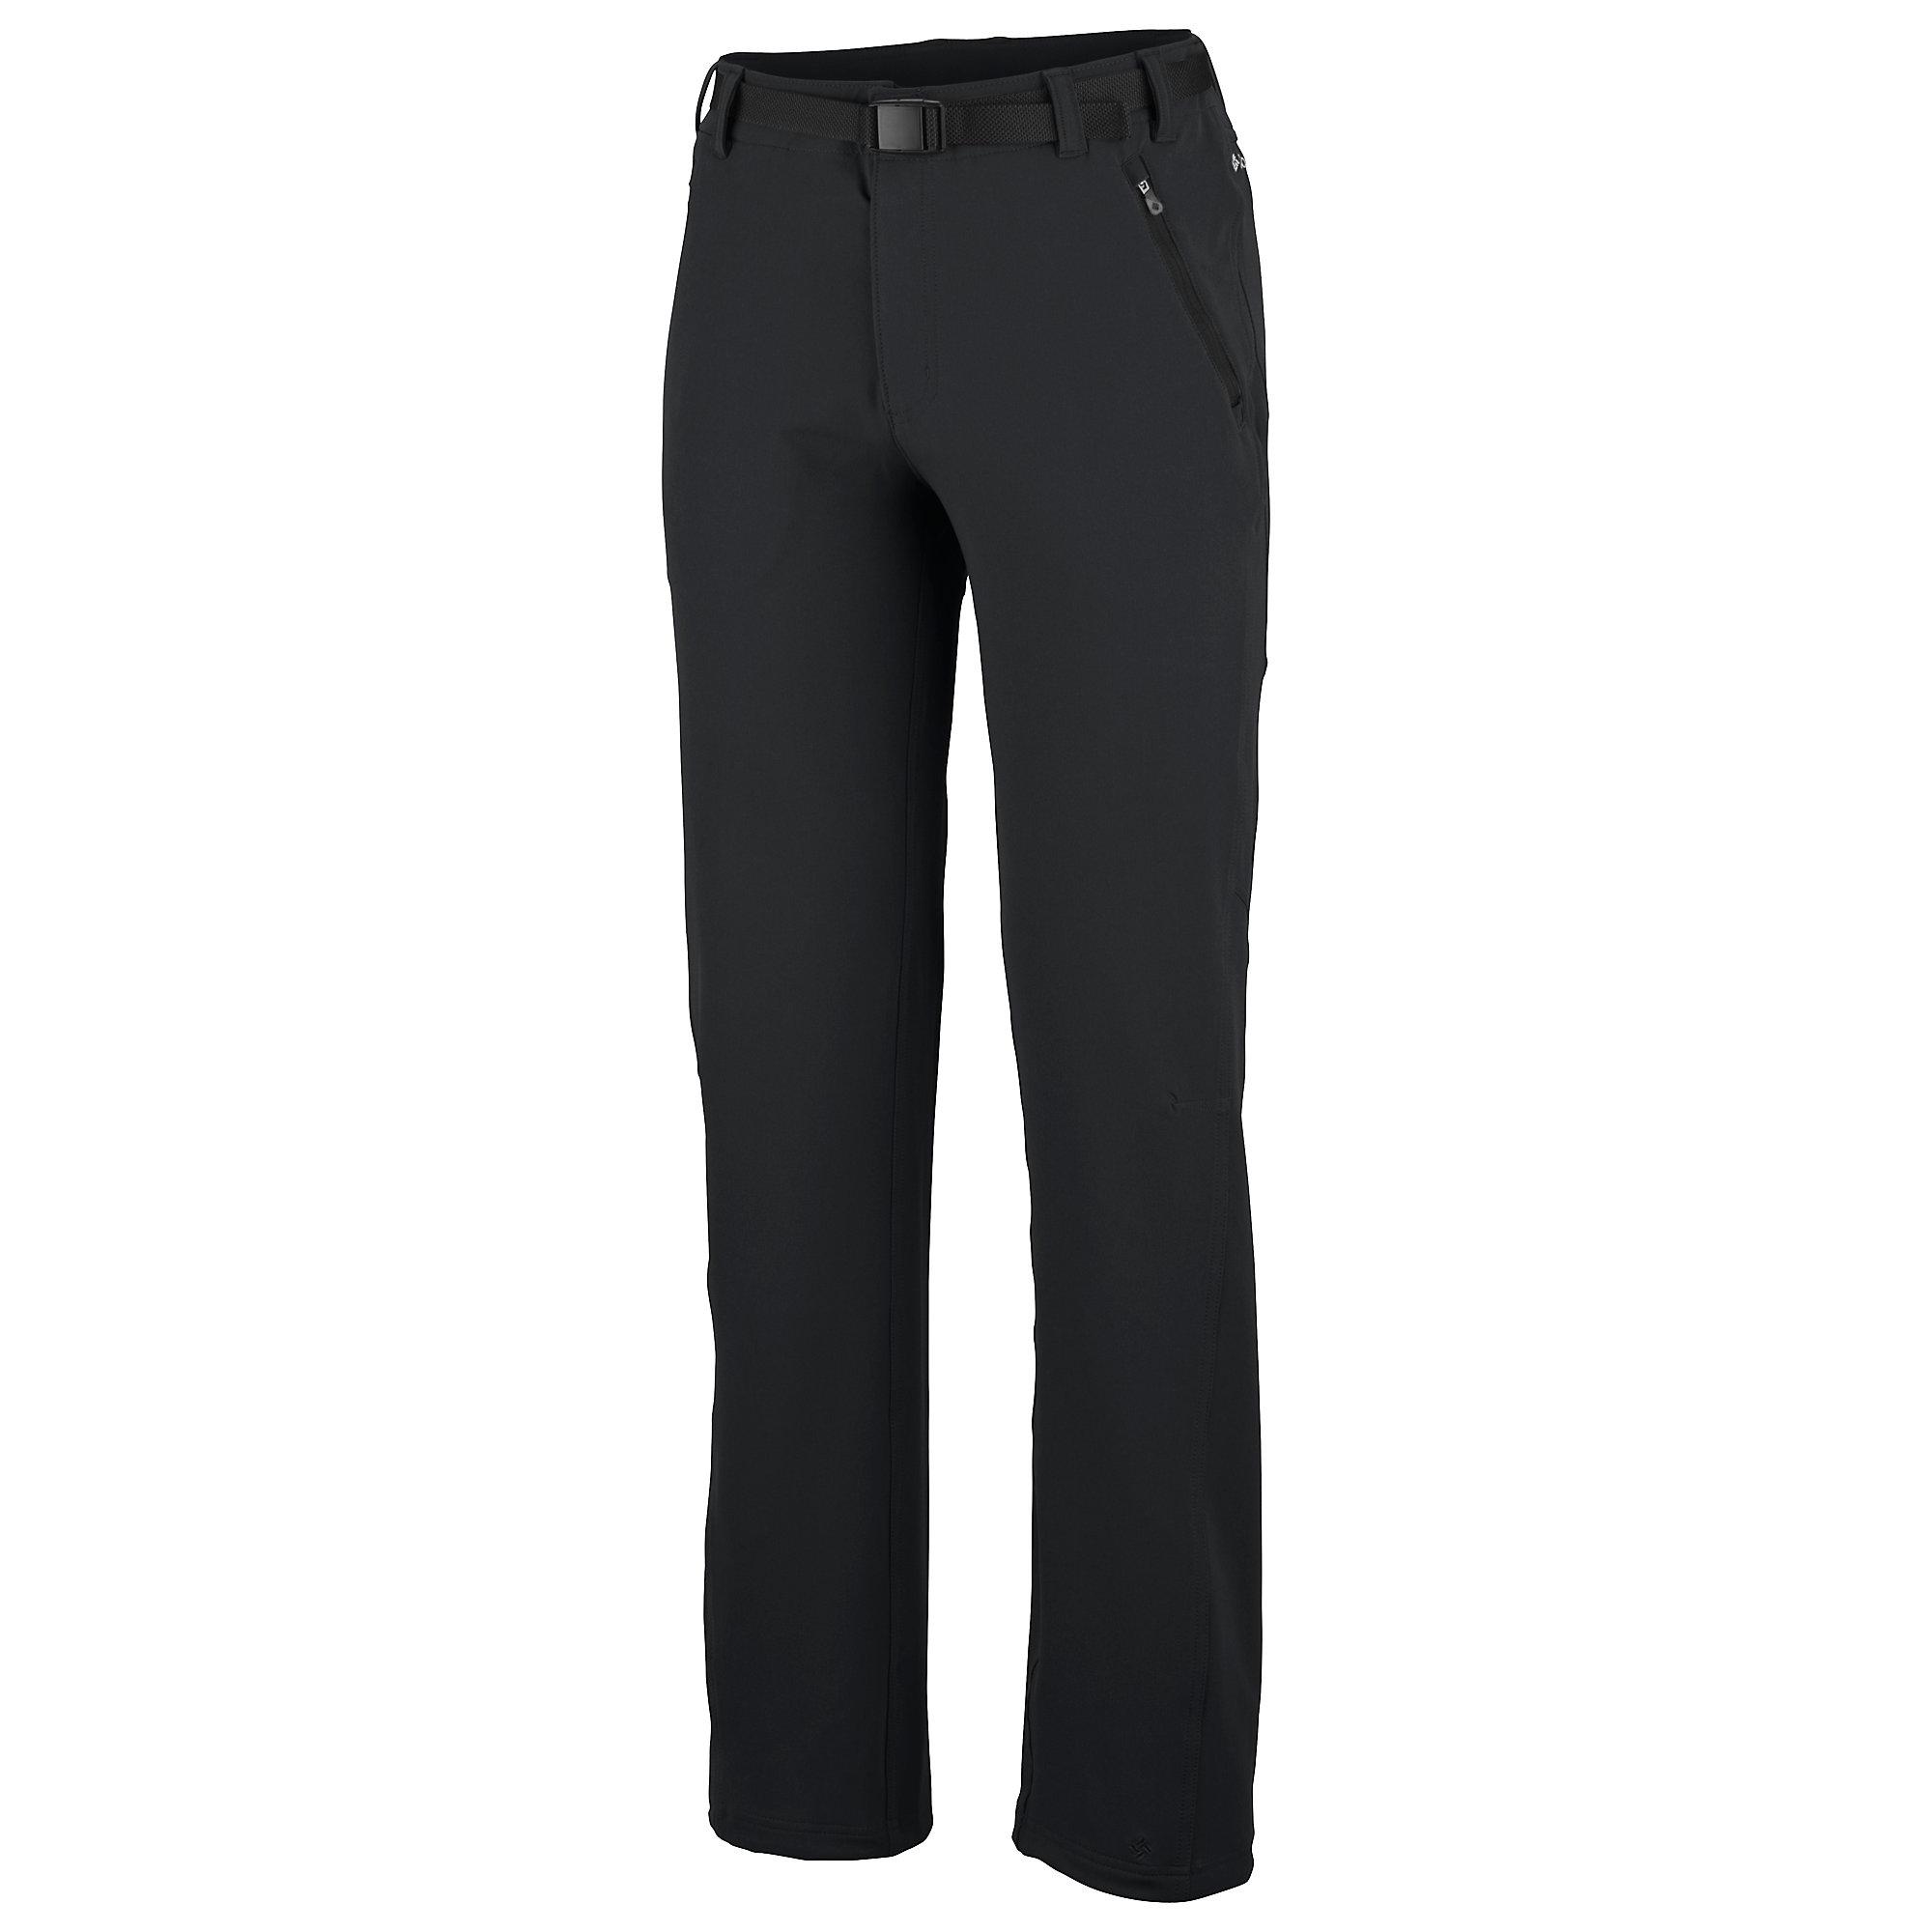 Pantalon Maxtrail™ Homme